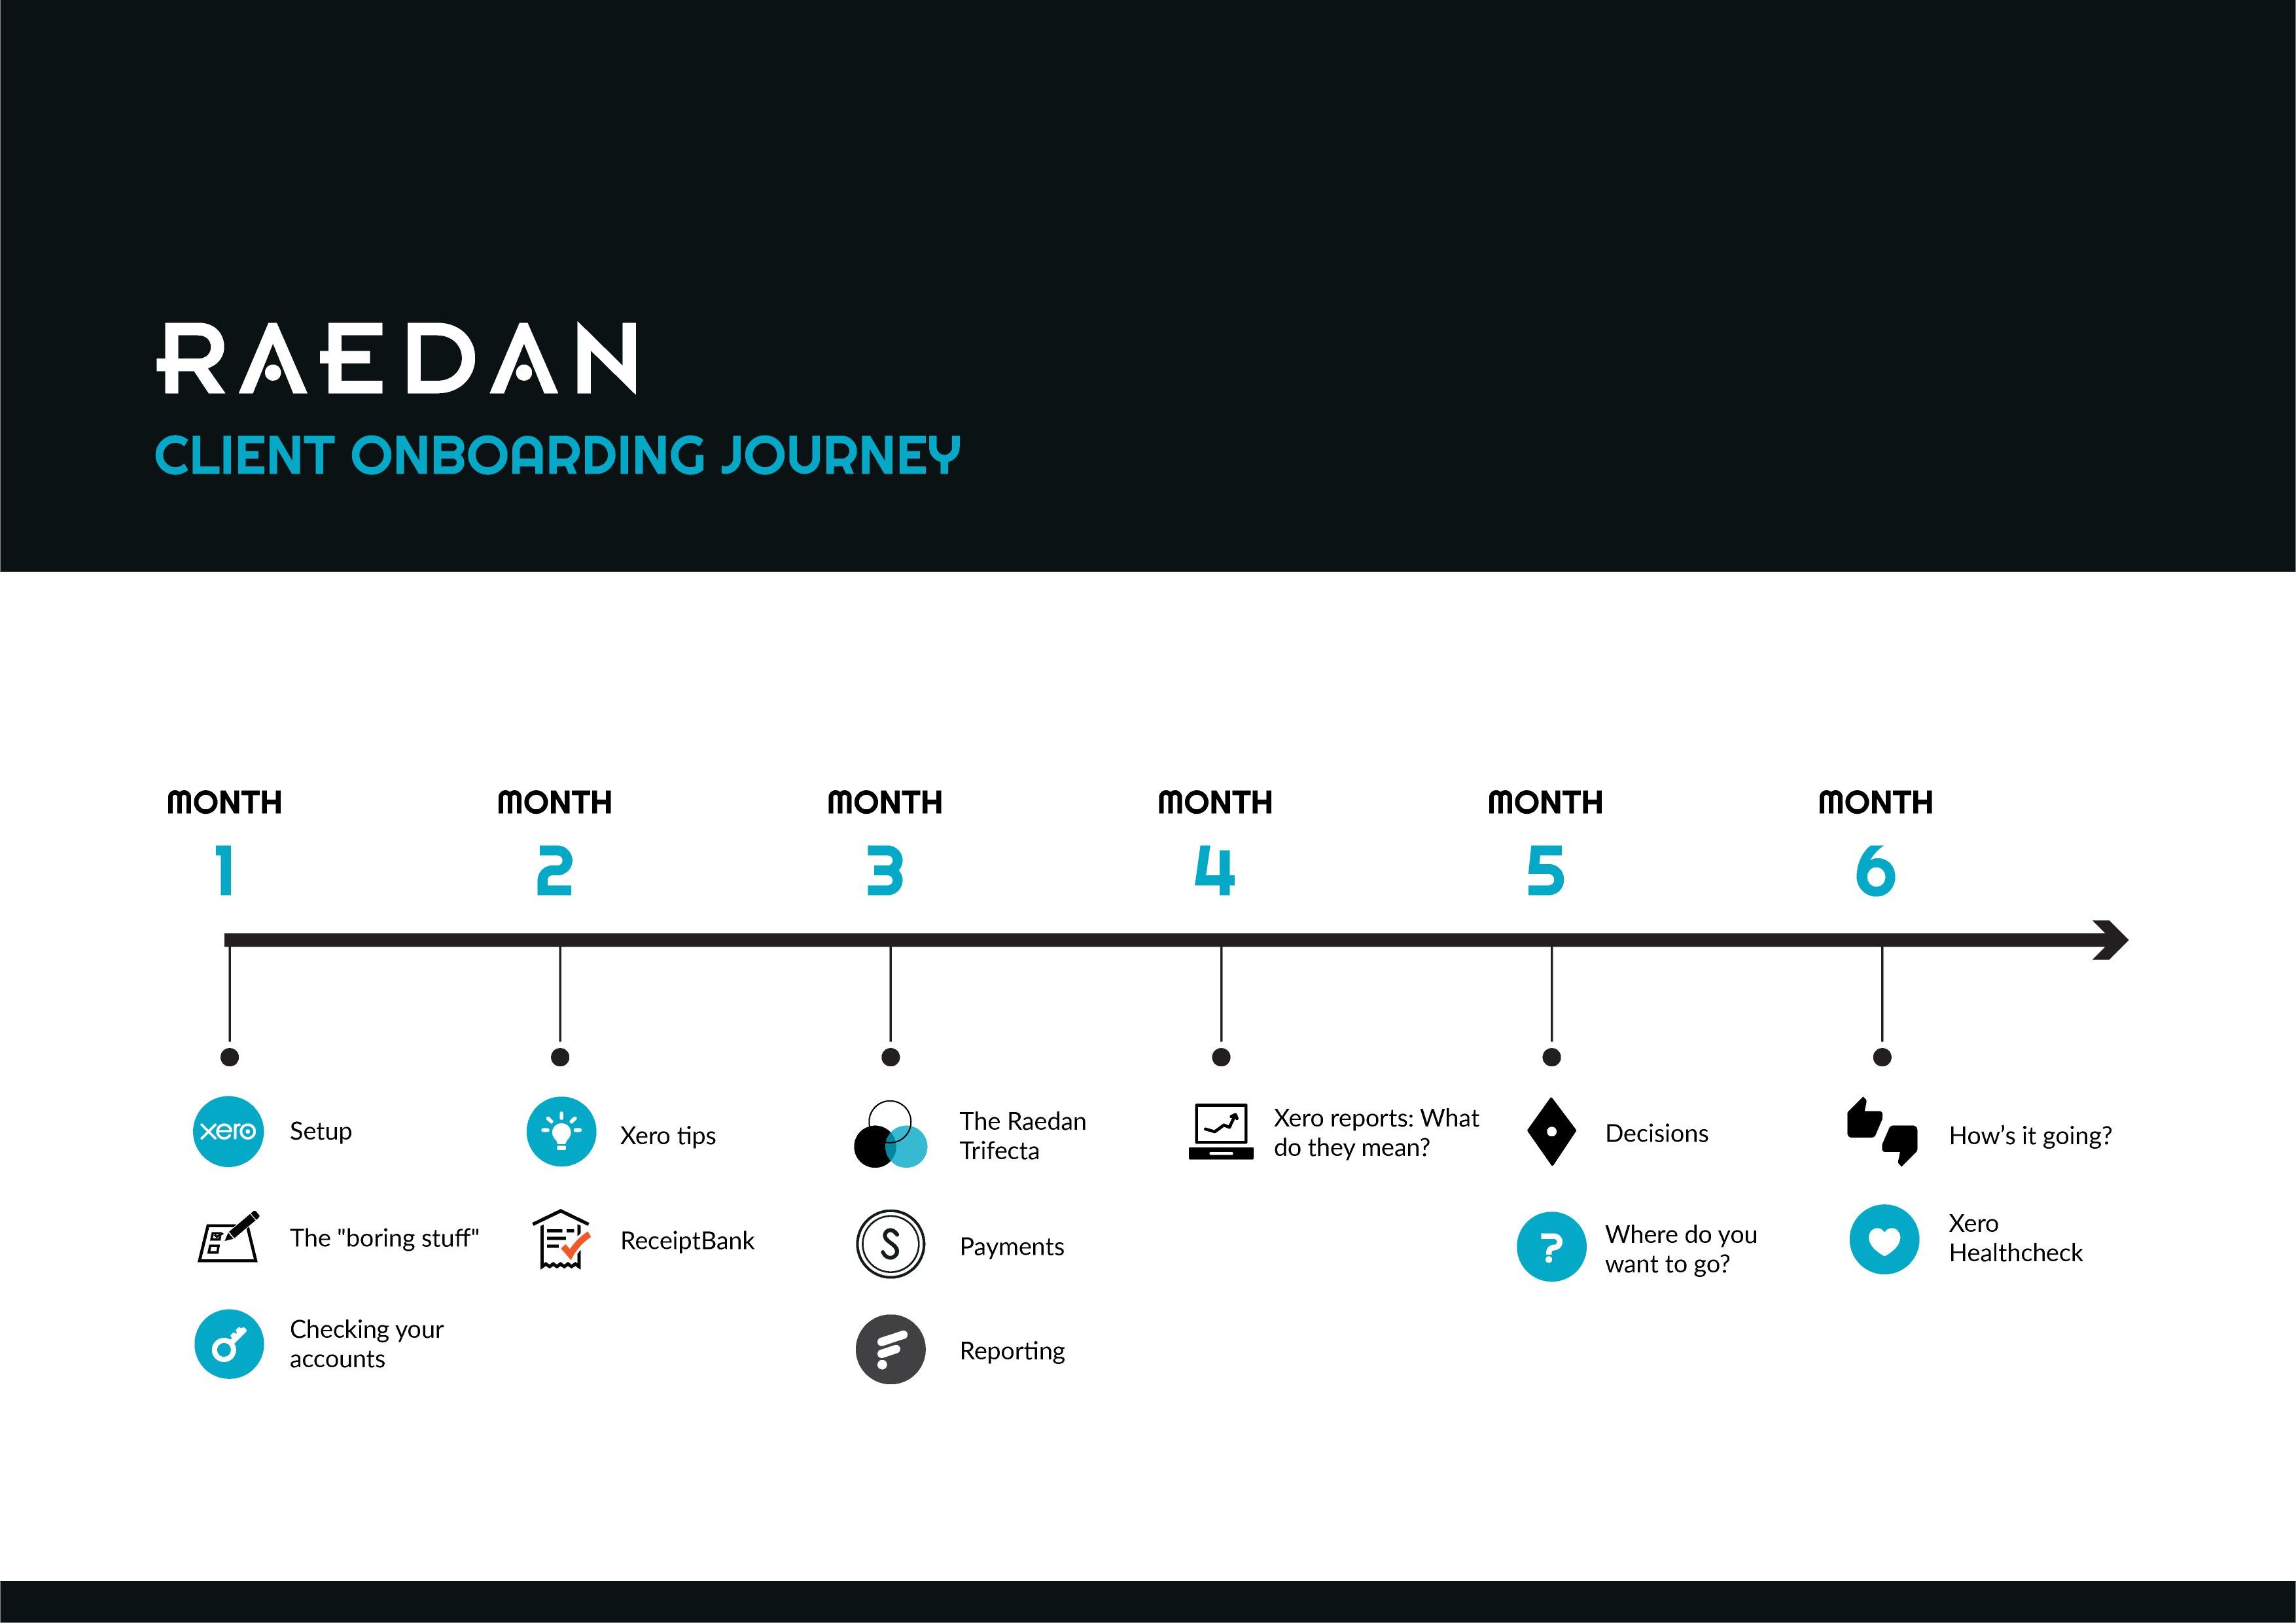 Raedan's client onboarding journey